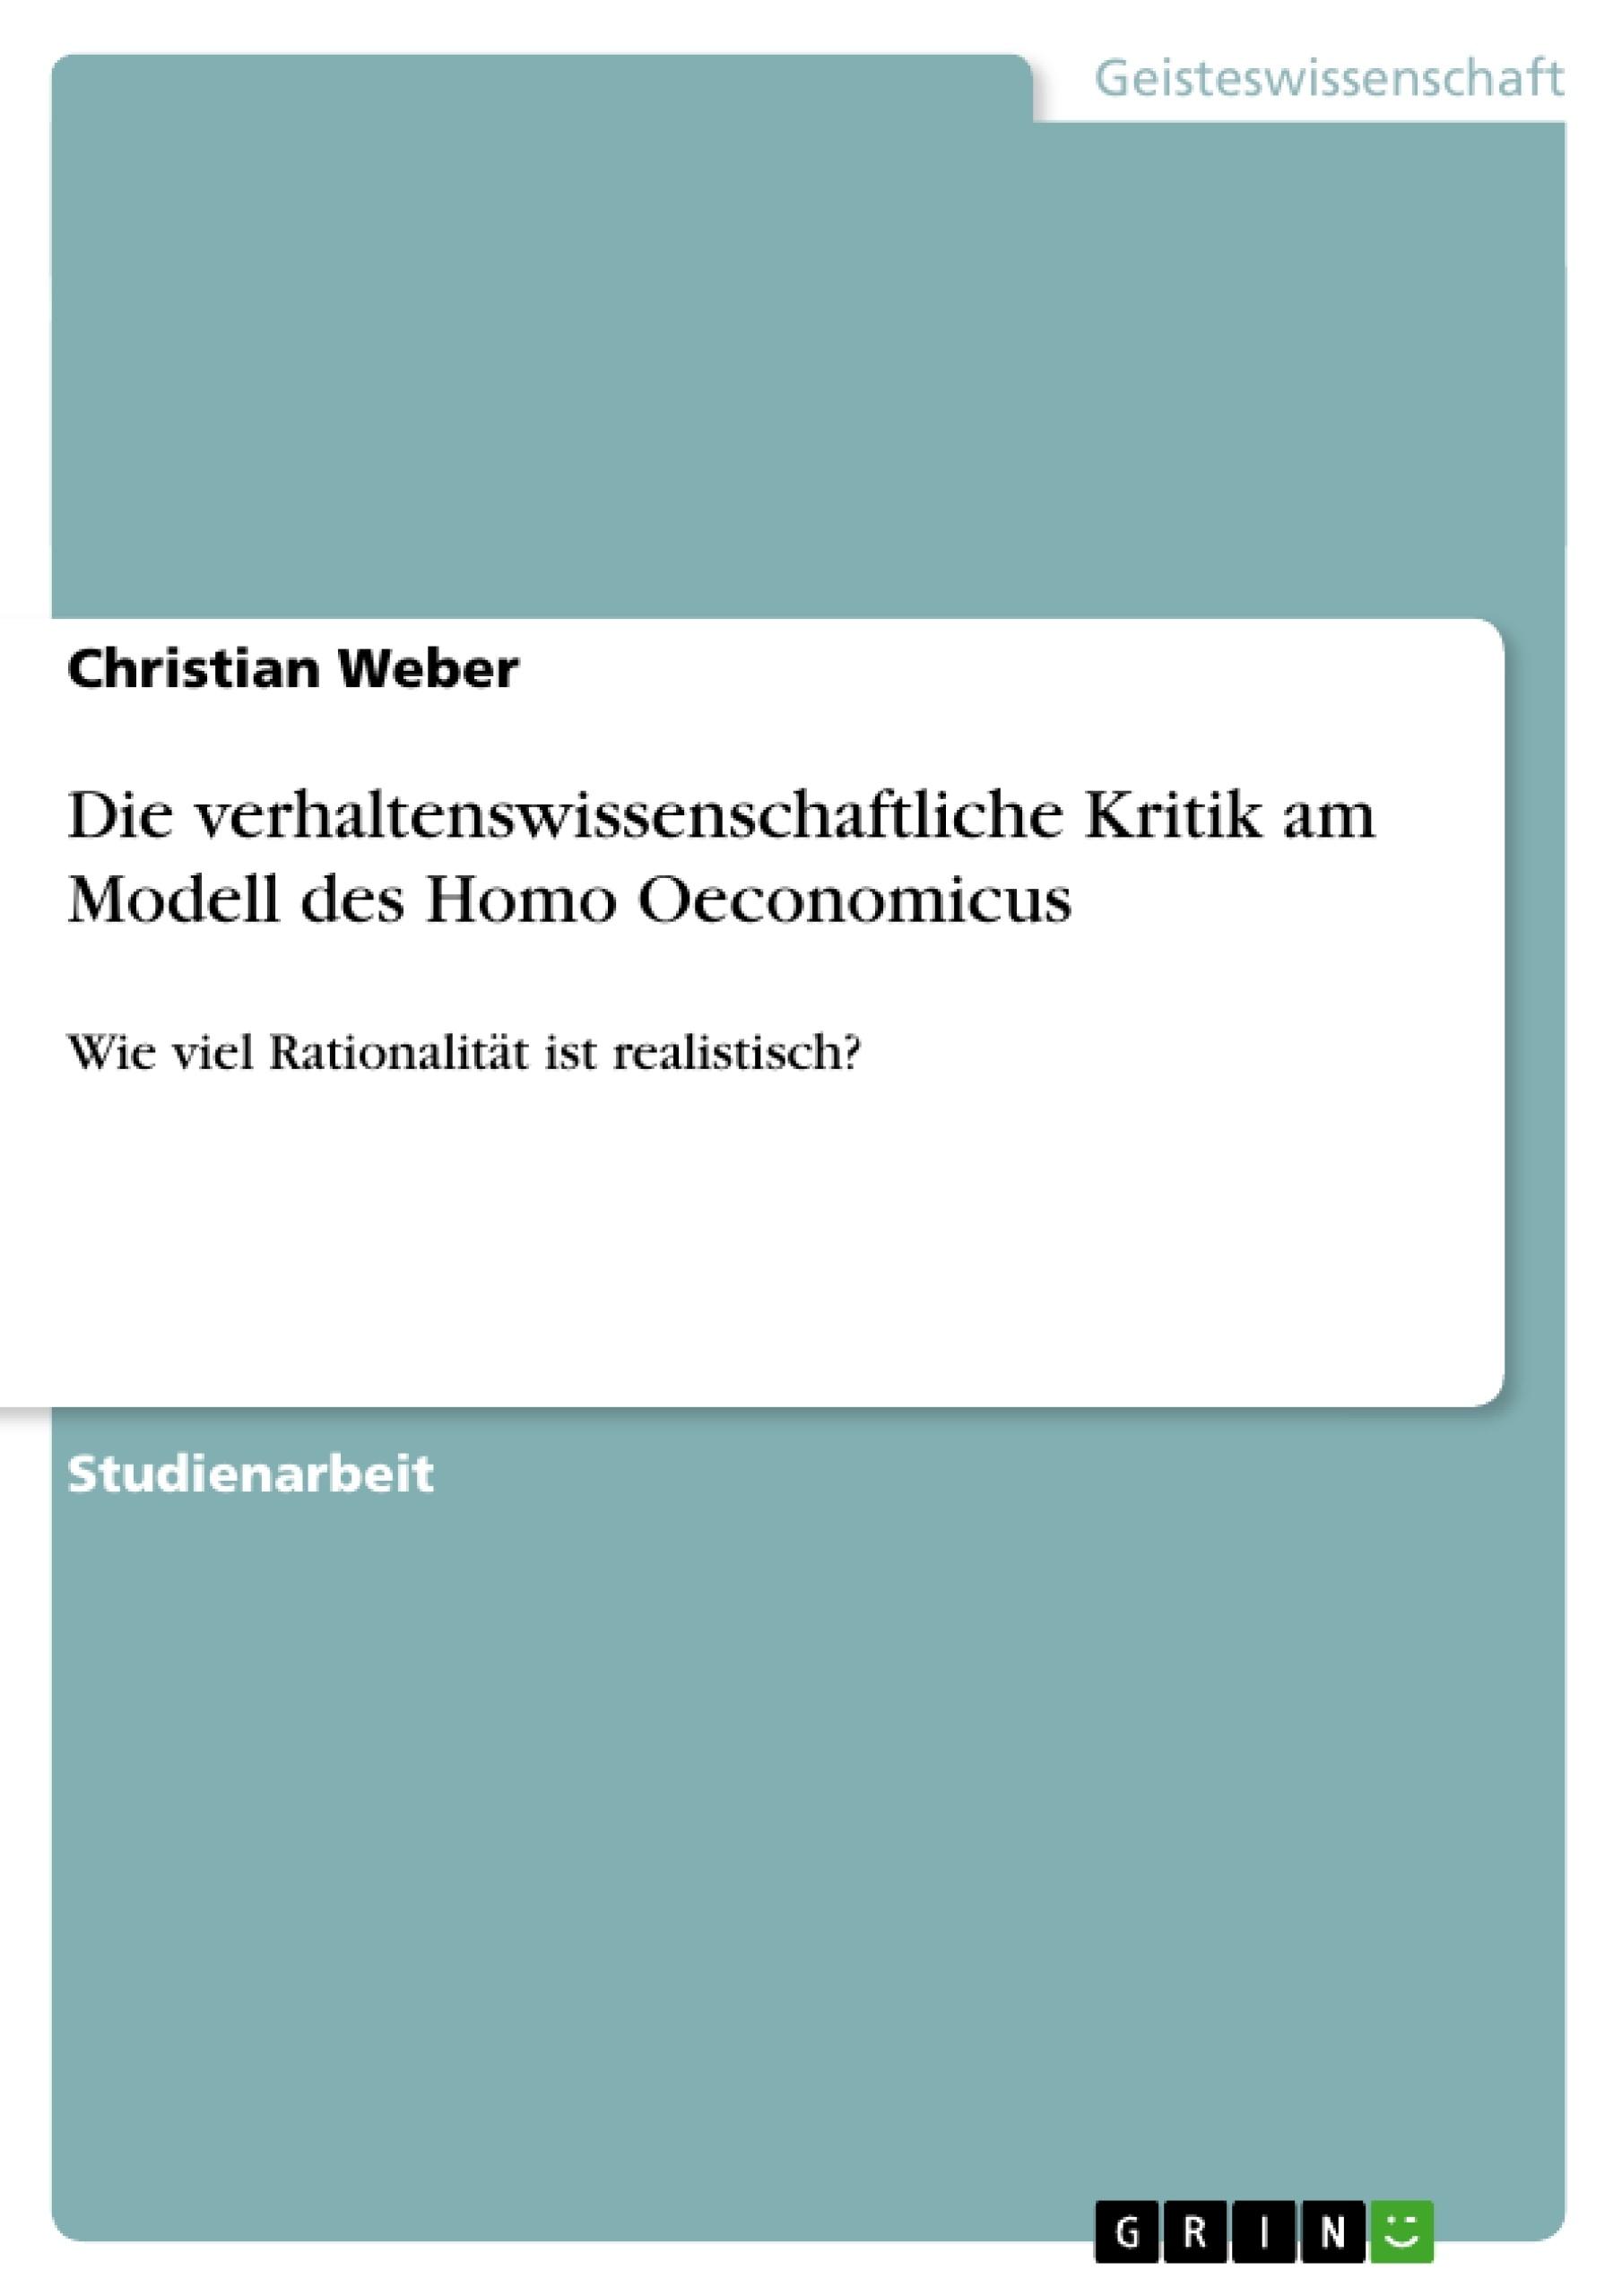 Titel: Die verhaltenswissenschaftliche Kritik am Modell des Homo Oeconomicus